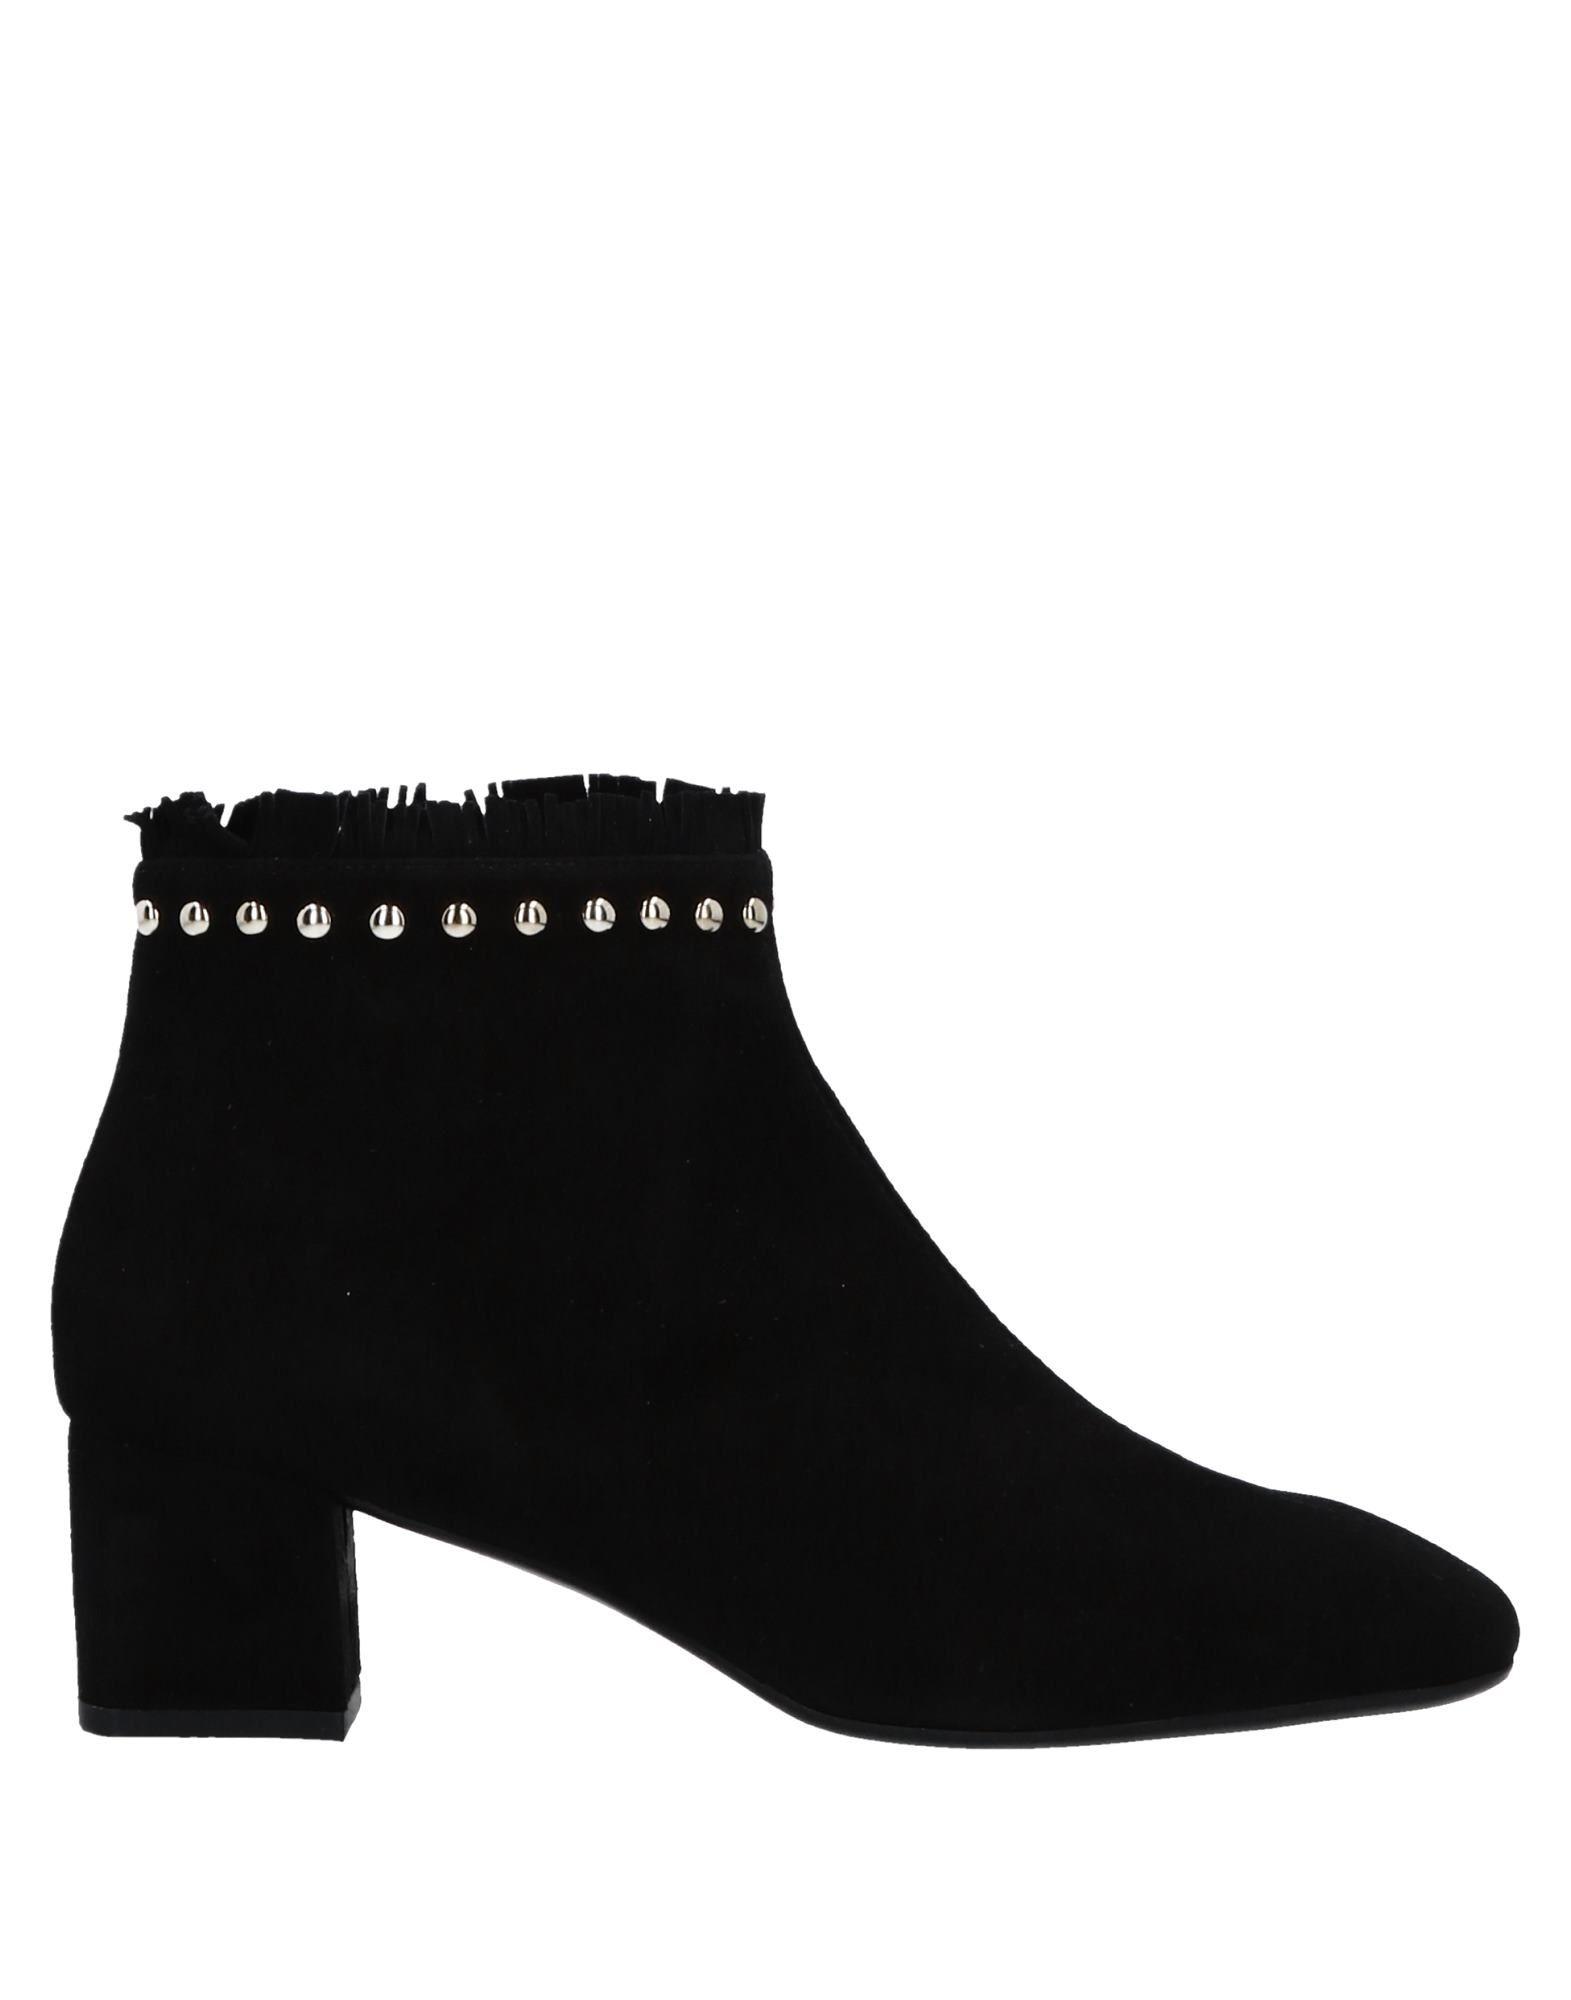 Stilvolle billige Stiefelette Schuhe Ursula Mascaro' Stiefelette billige Damen  11514729QL 6a945c